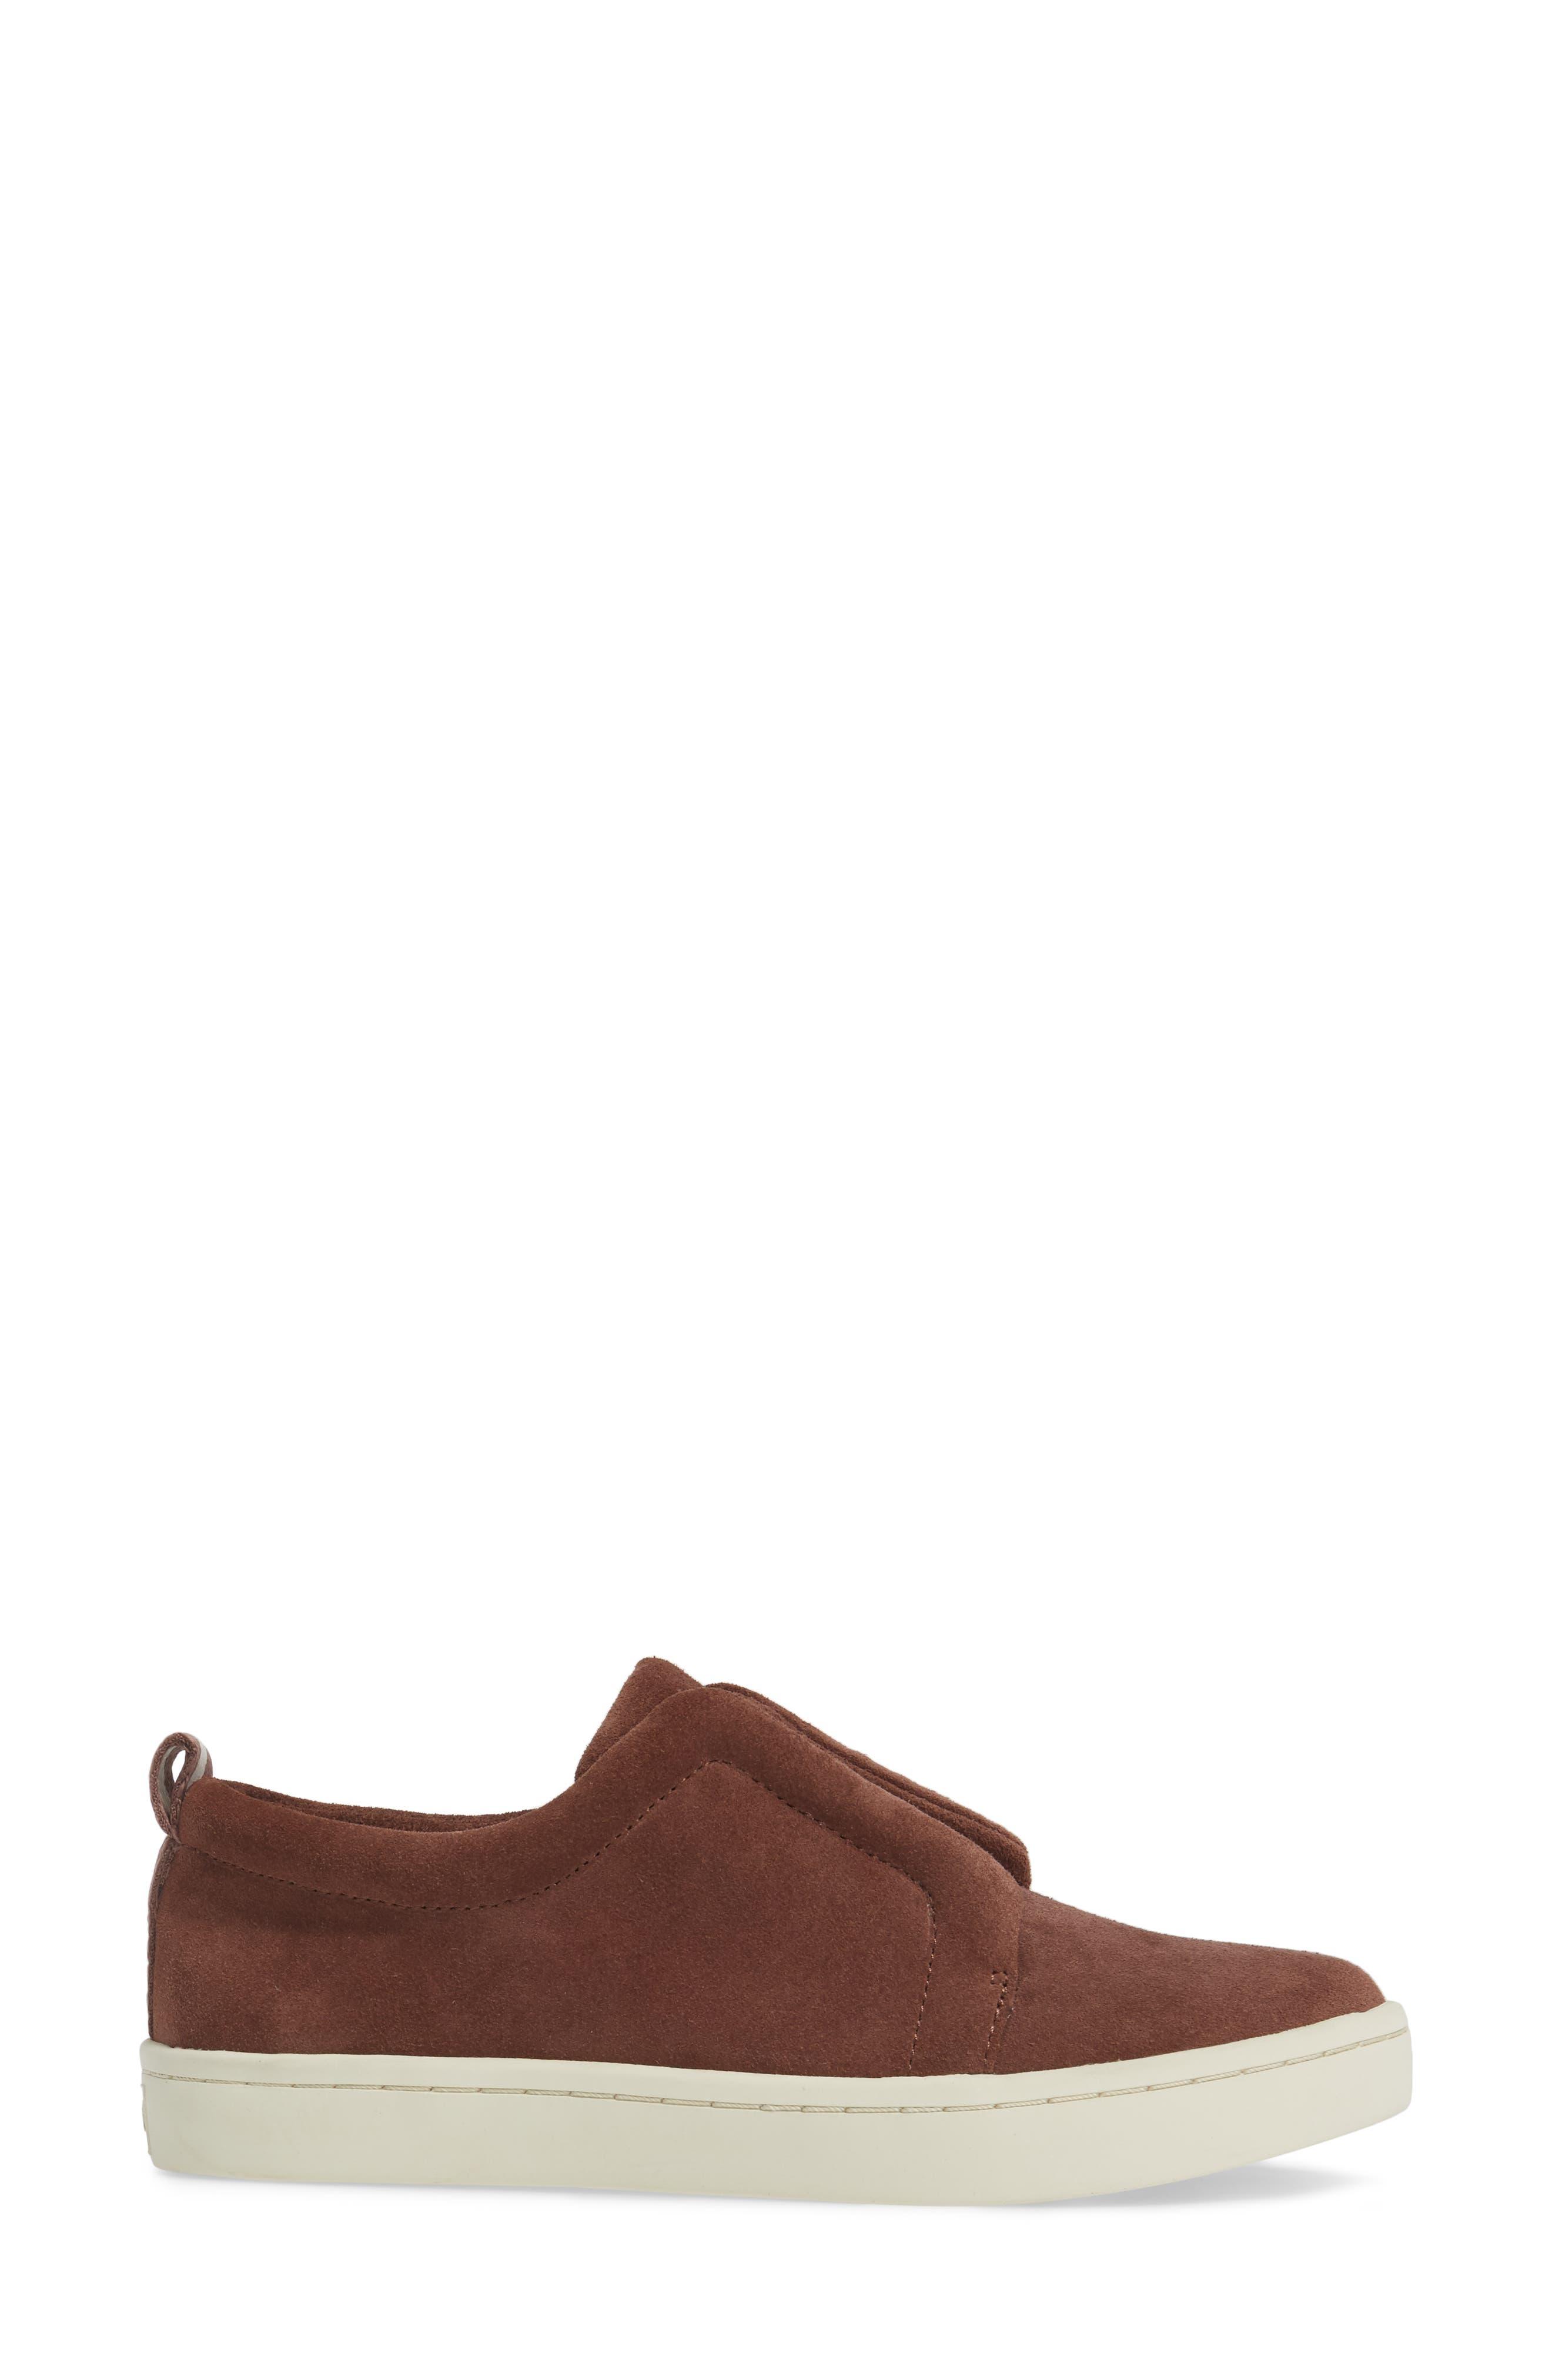 Alternate Image 3  - Splendid Dagny Slip-On Sneaker (Women)